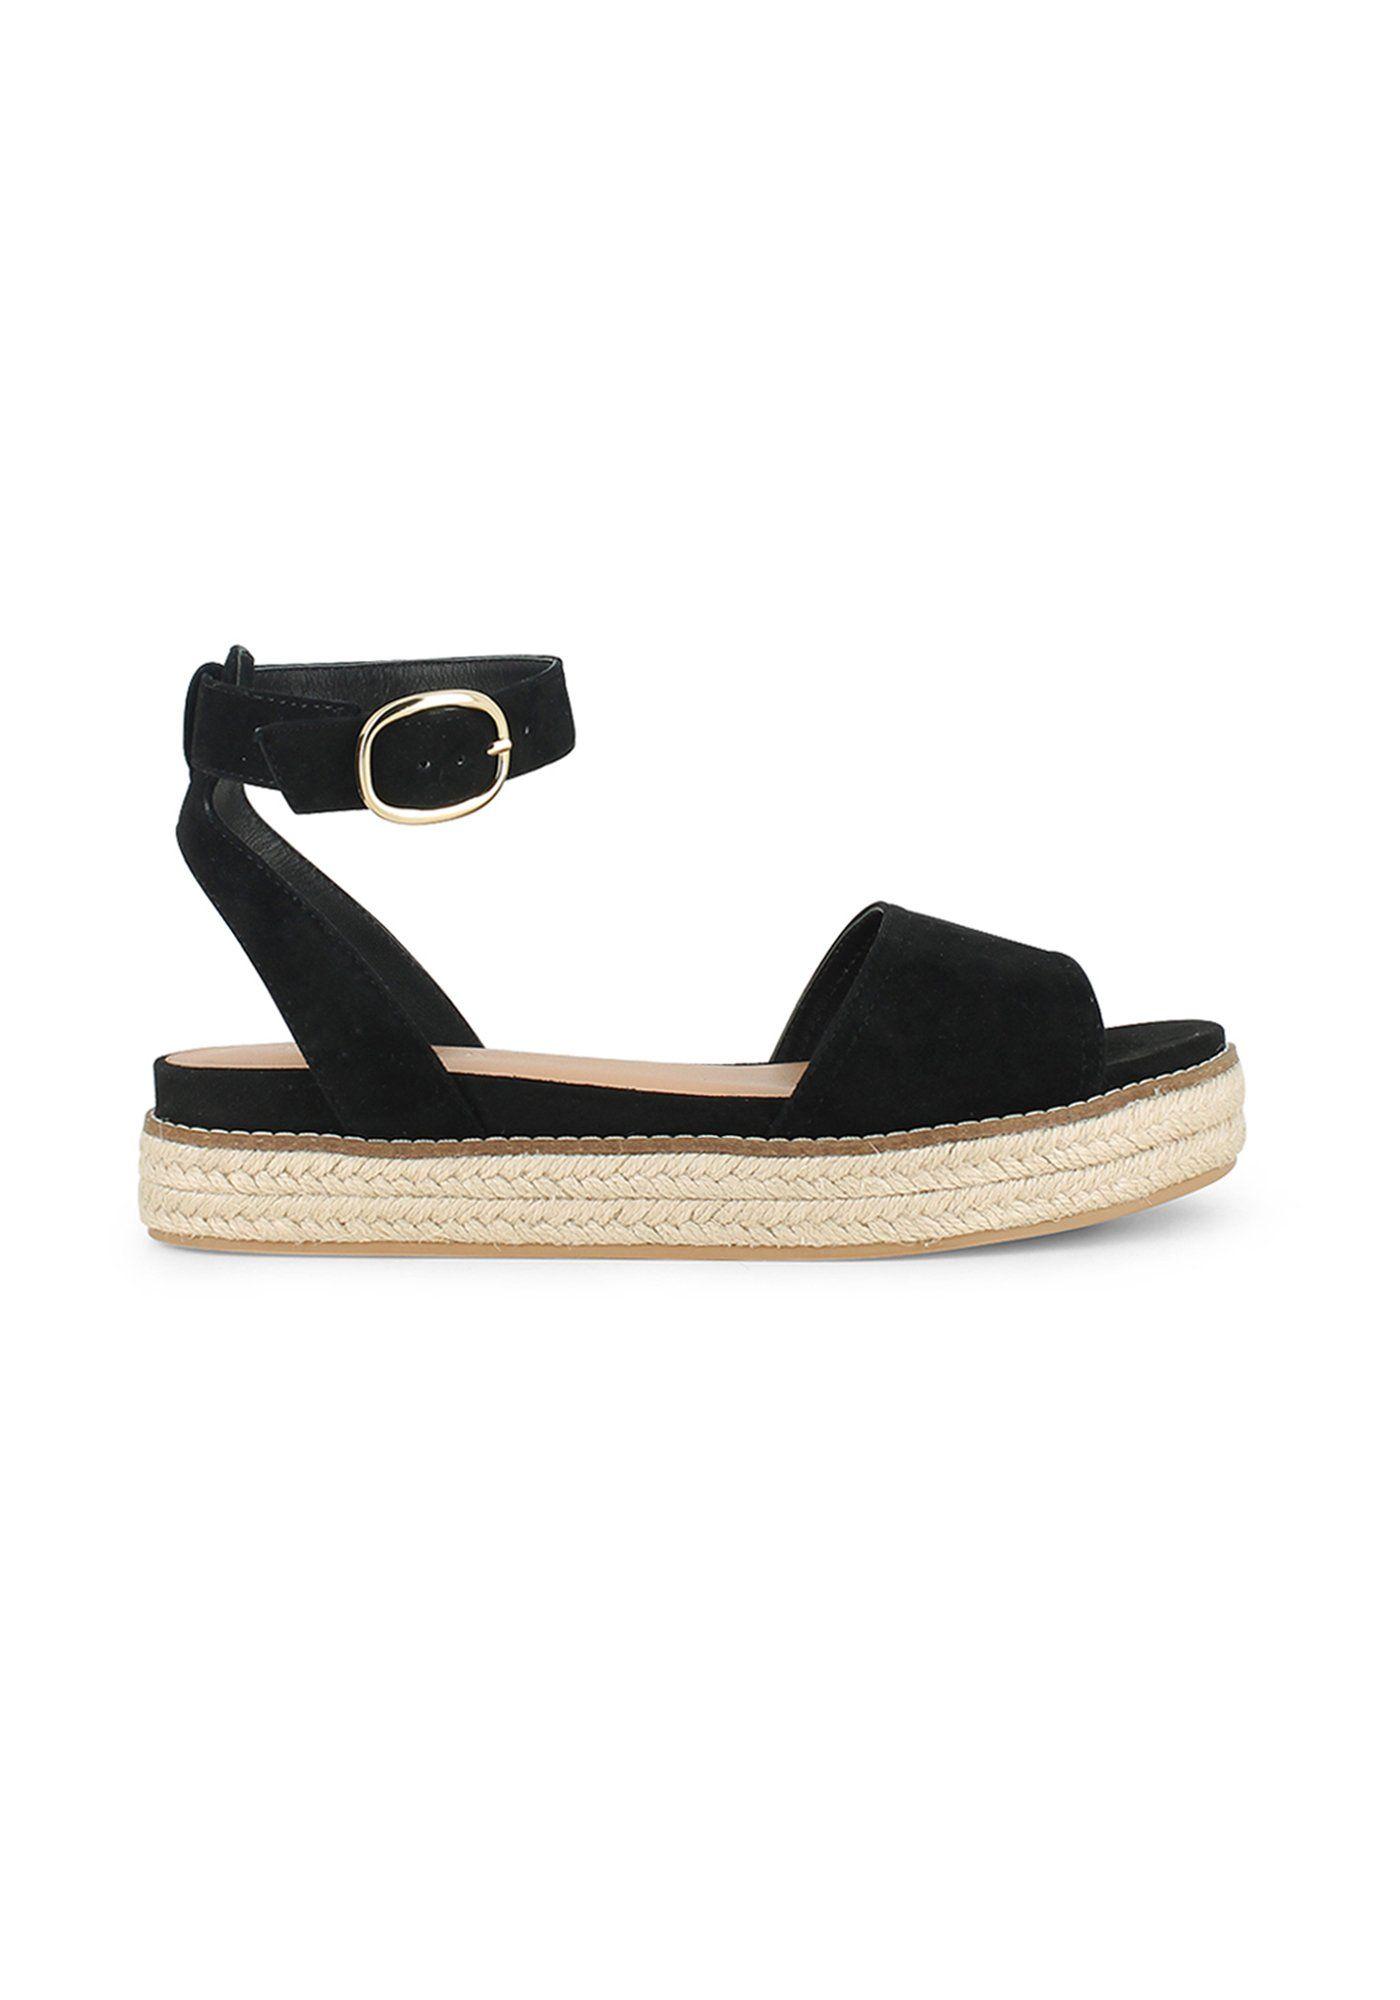 50 paires de sandales plates pour flâner cet été   Shoes   Pinterest ... 1b2c47f4d87f